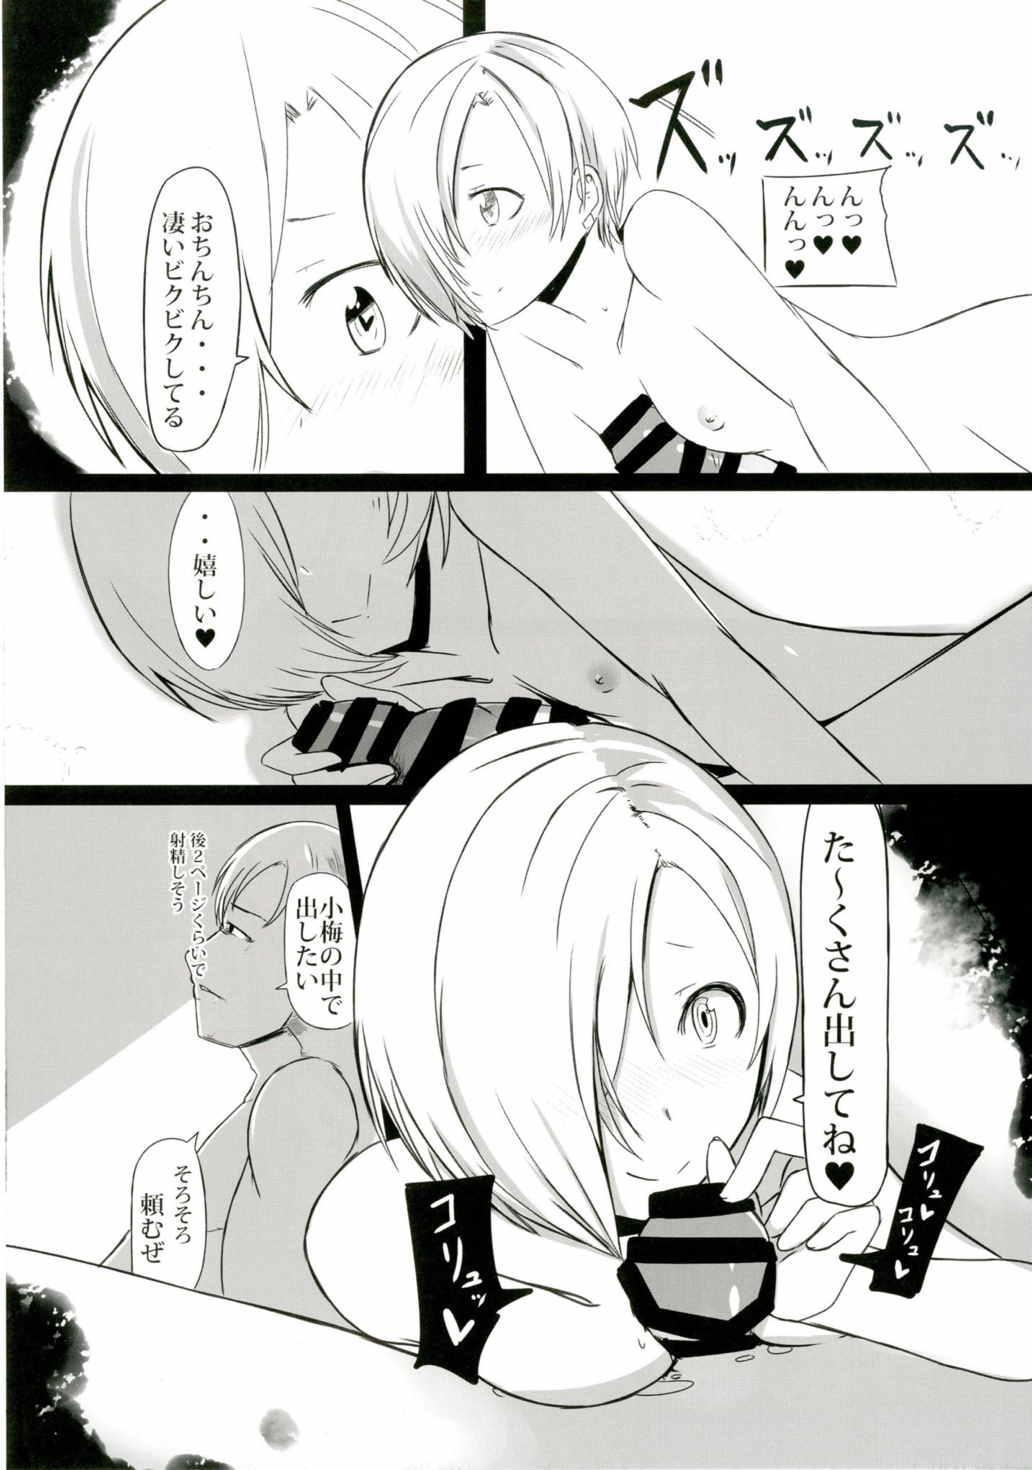 Hora Eiga ni Detekuru Ecchi na Scene o Miteitara Muramura Shitteshimatta Koume-chan to Ecchi suru Manga 8